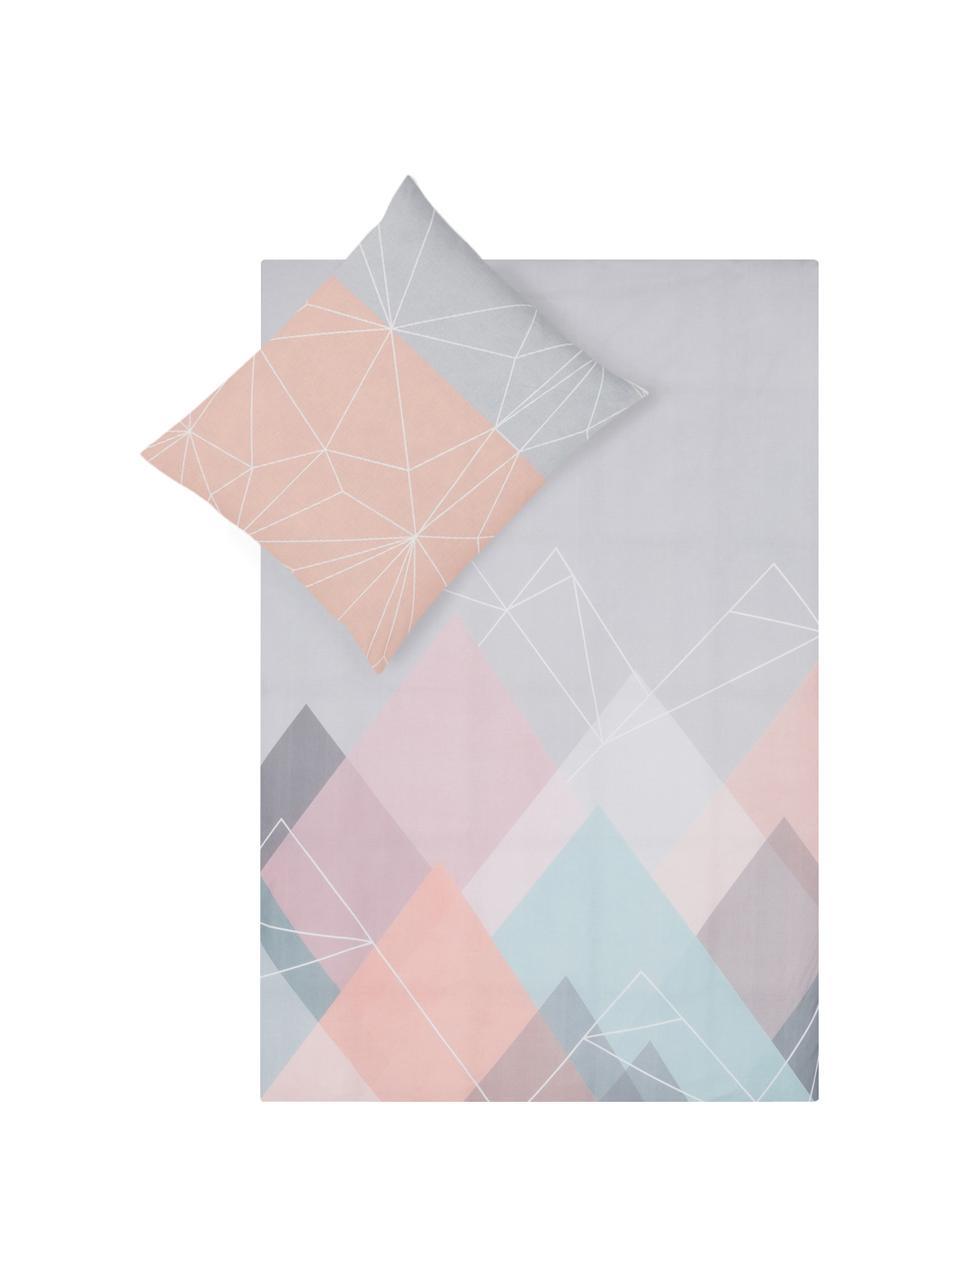 Dubbelzijdig dekbedovertrek Range, Katoen, Bovenzijde: multicolour. Onderzijde: wit, 140 x 200 cm + 2 kussen 60 x 70 cm